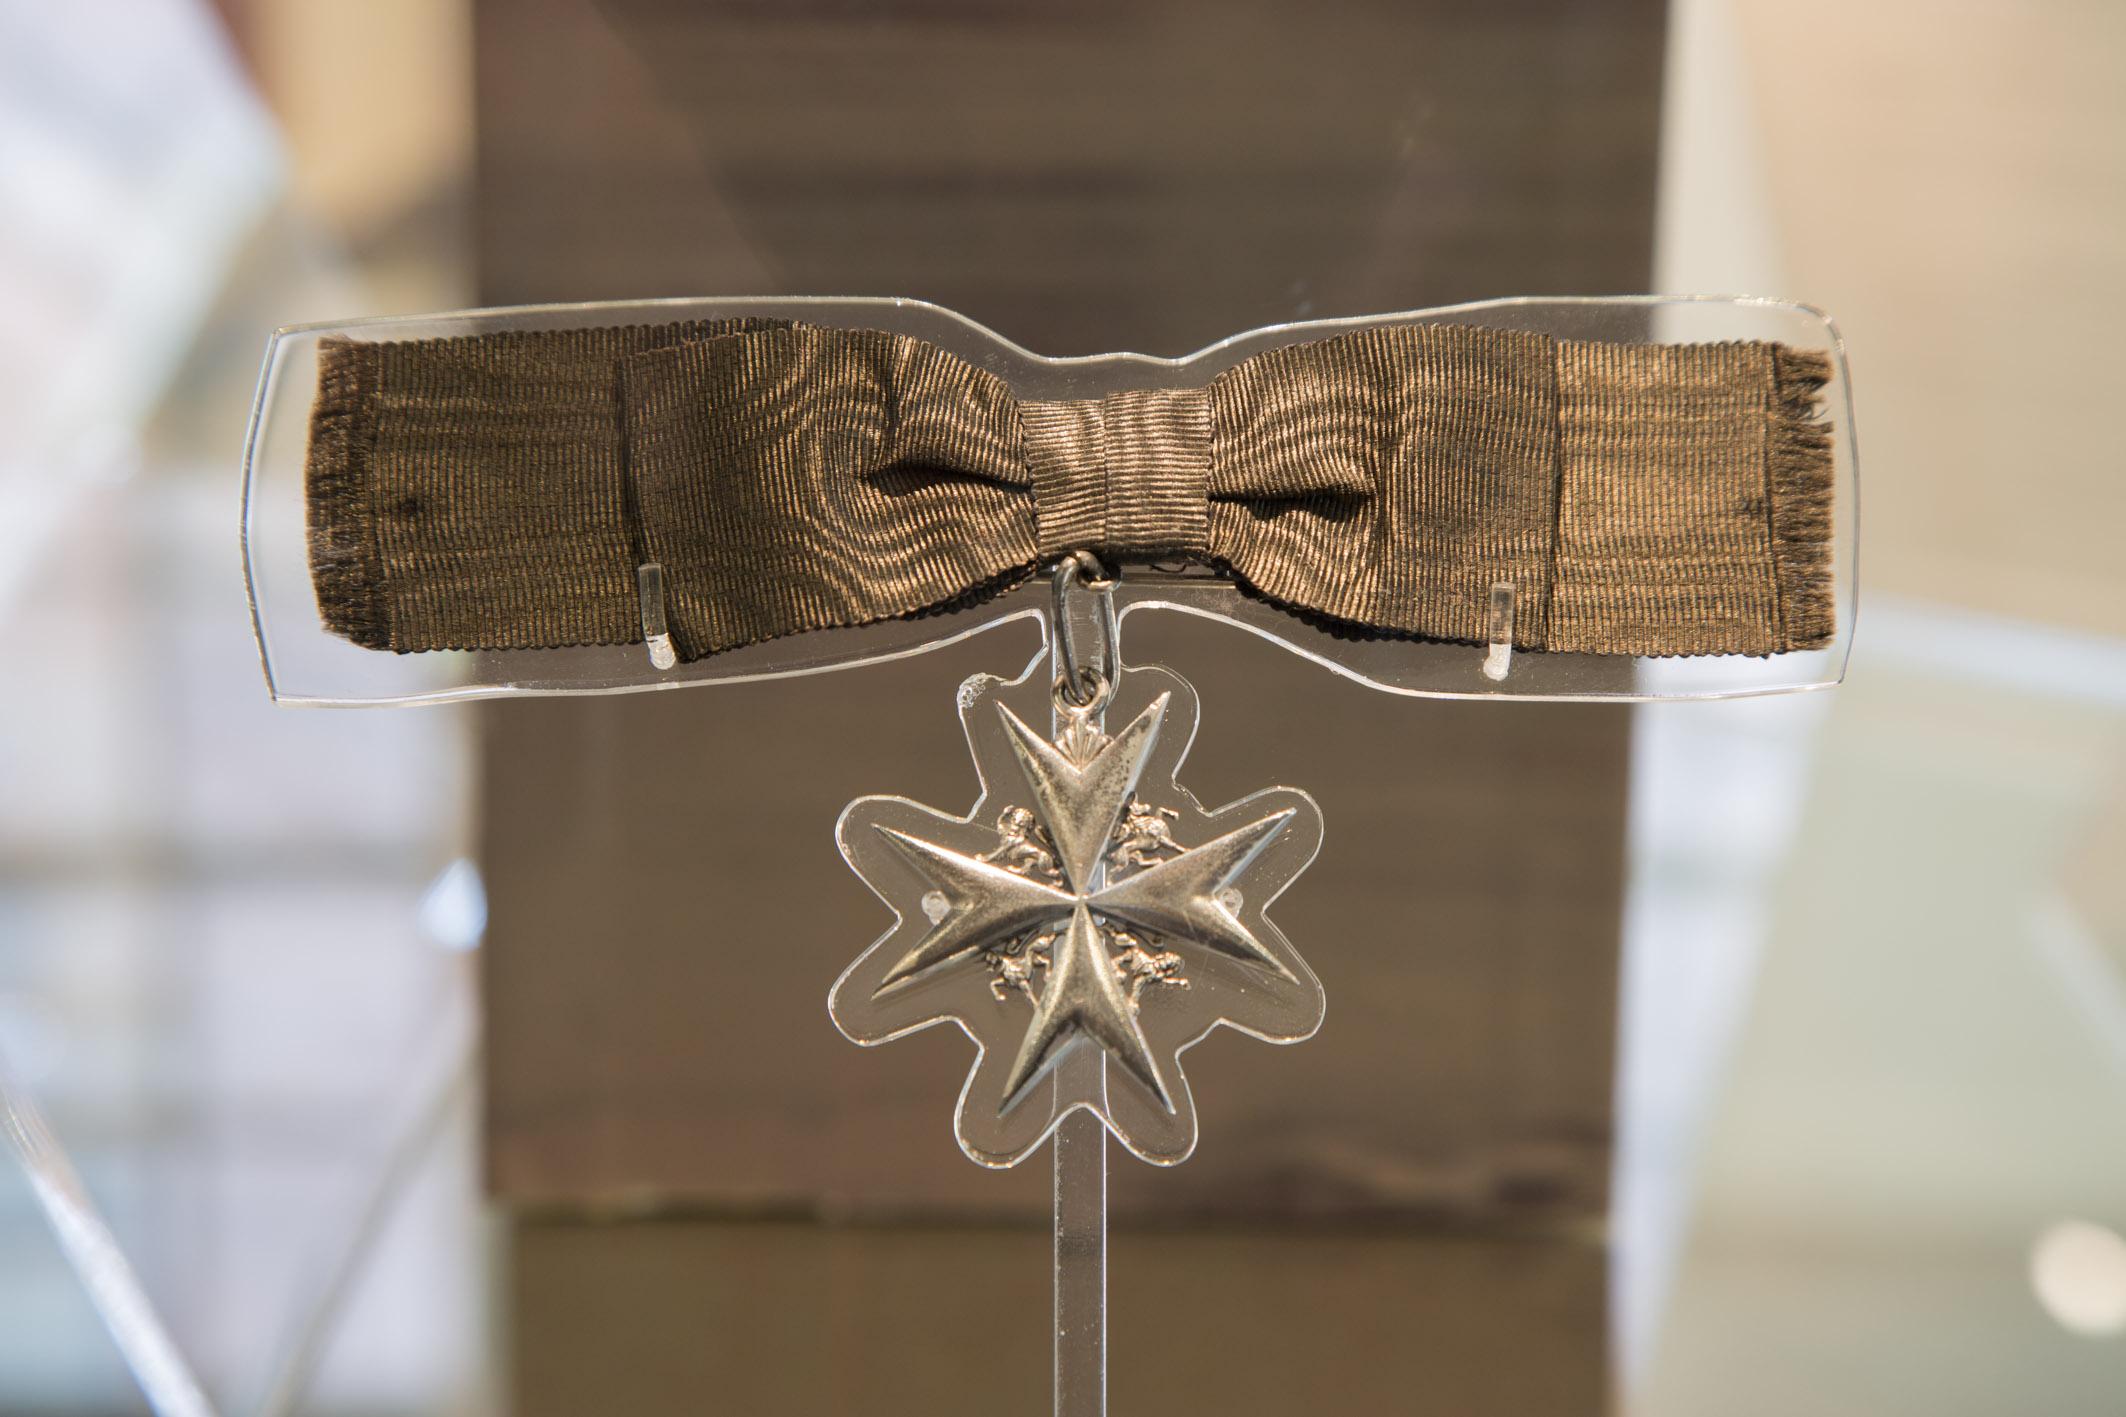 Cross of the Order of St John